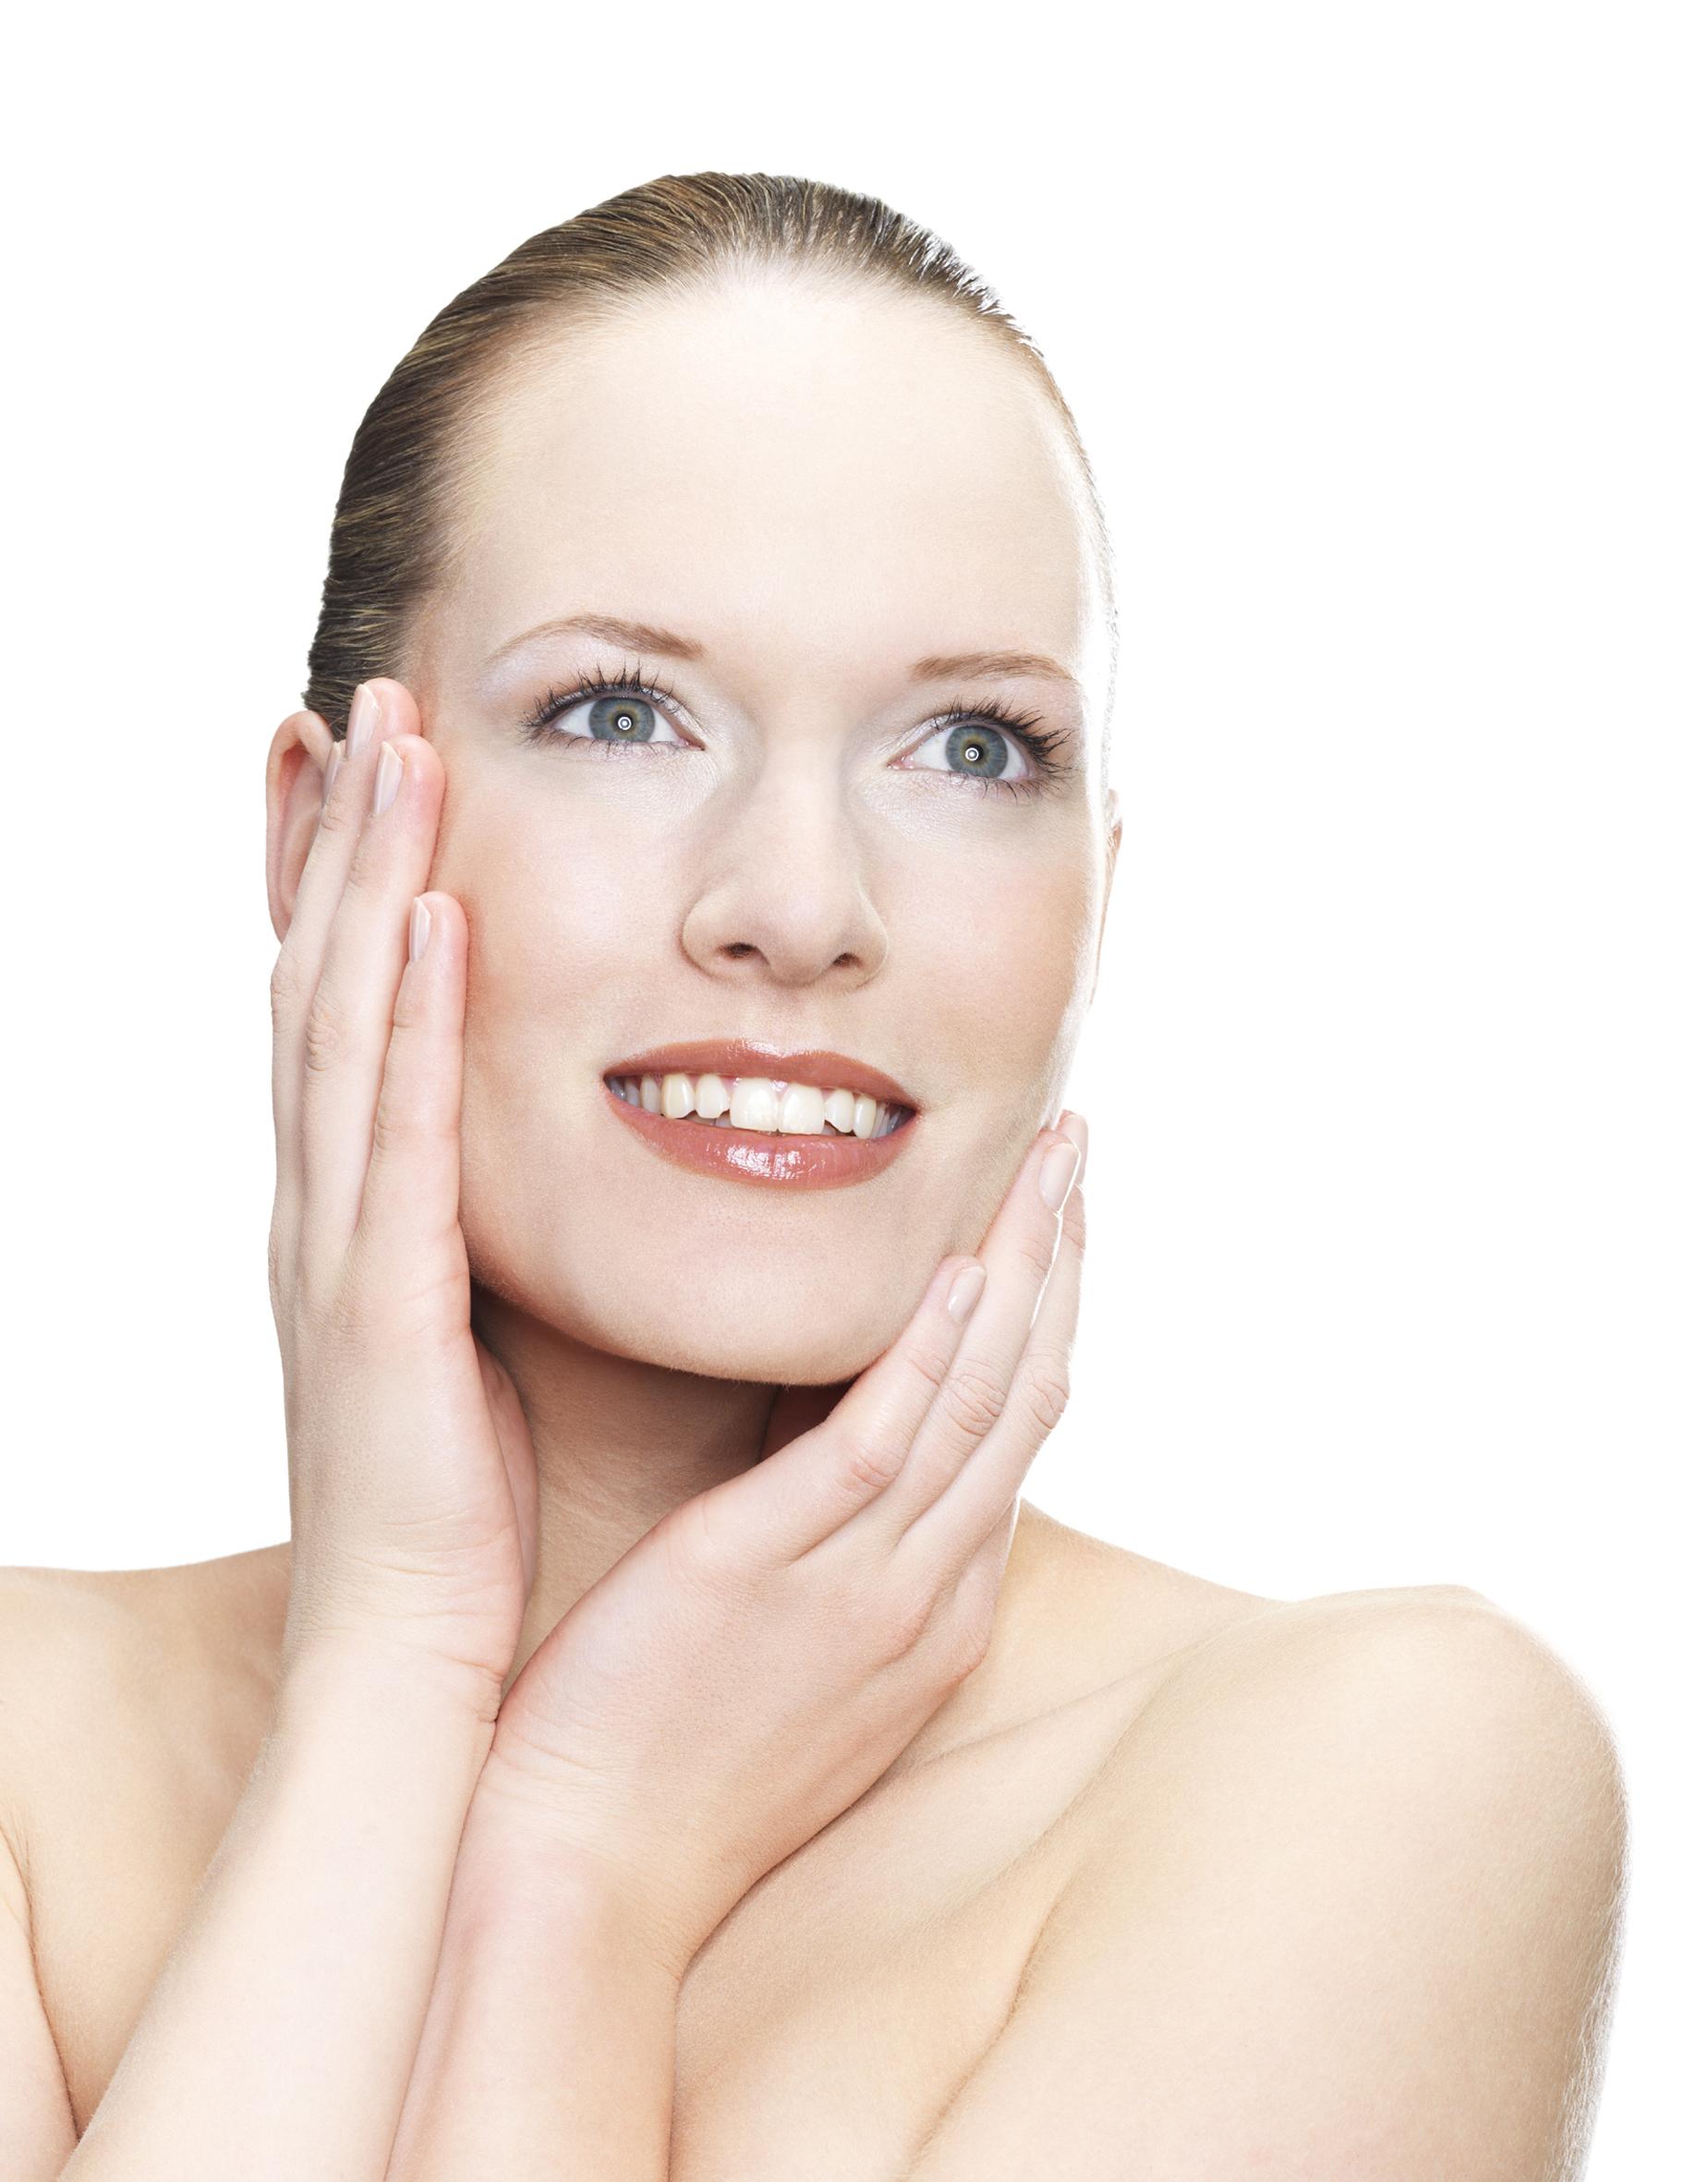 Модерните методи за терапия и регенериране на кожата